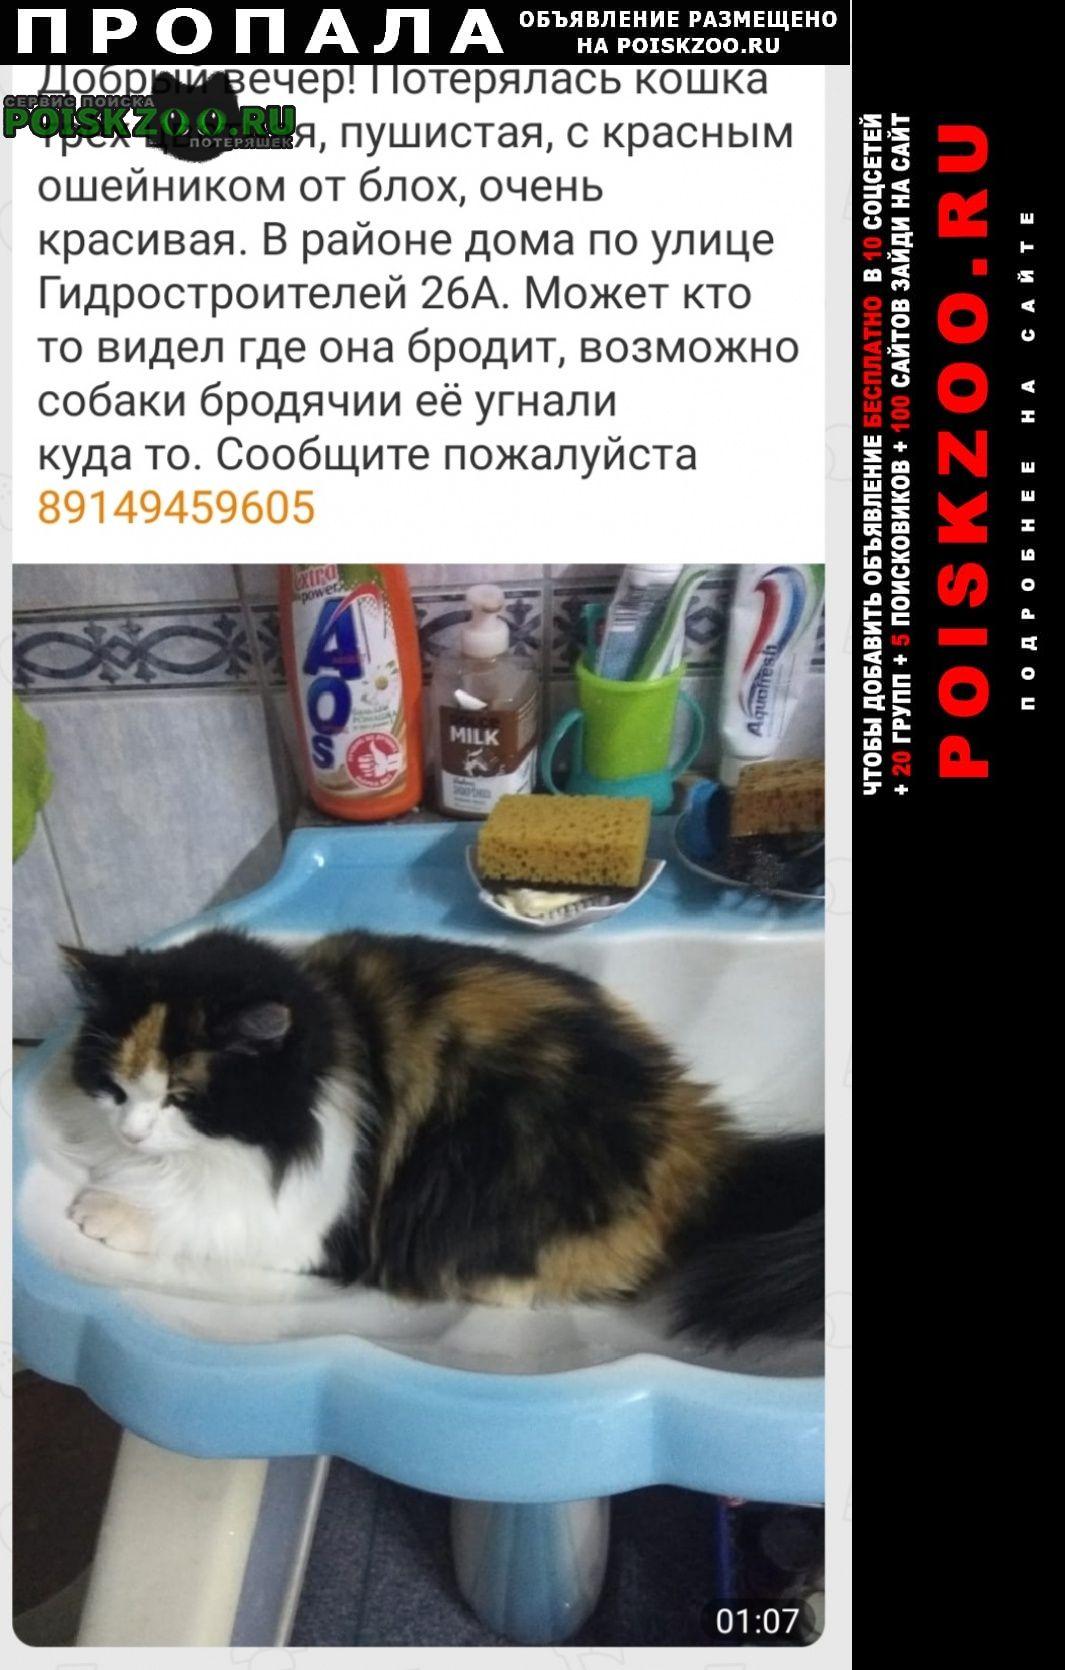 Пропала кошка Братск